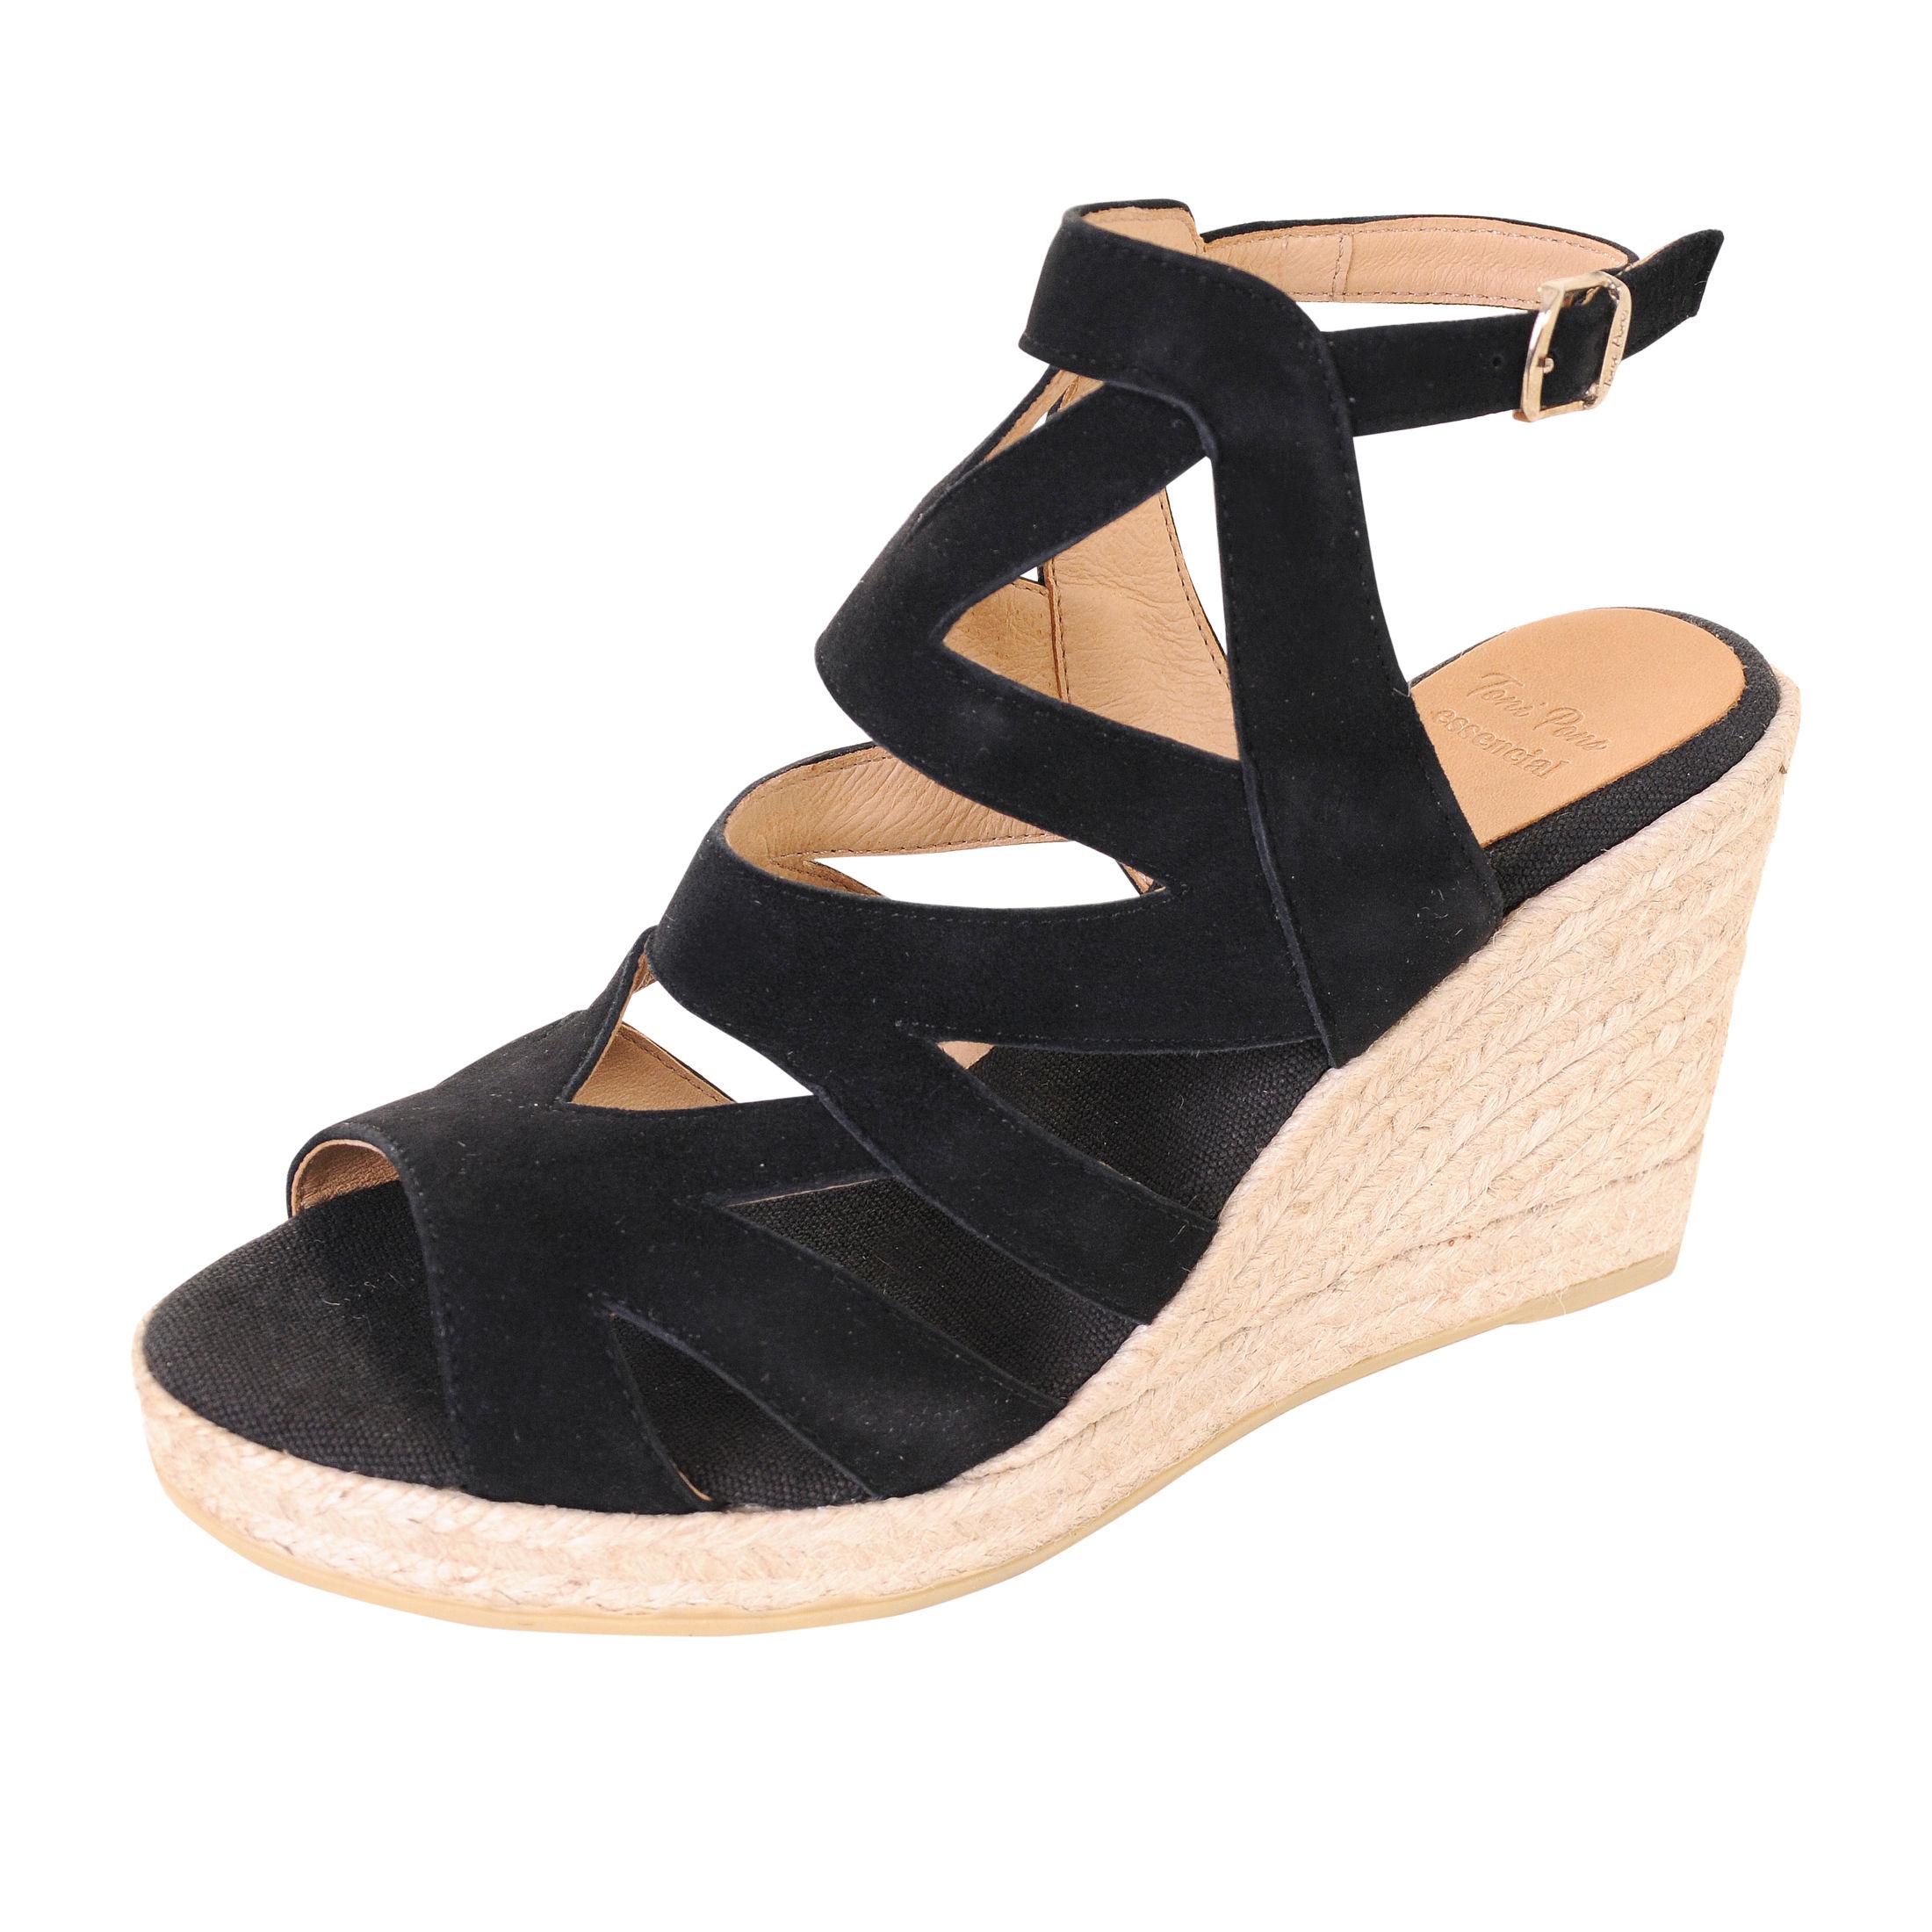 Sandalette MIRNA schwarz FB - (MIRNA-A FB schwarz BLACK) 6ba5ea